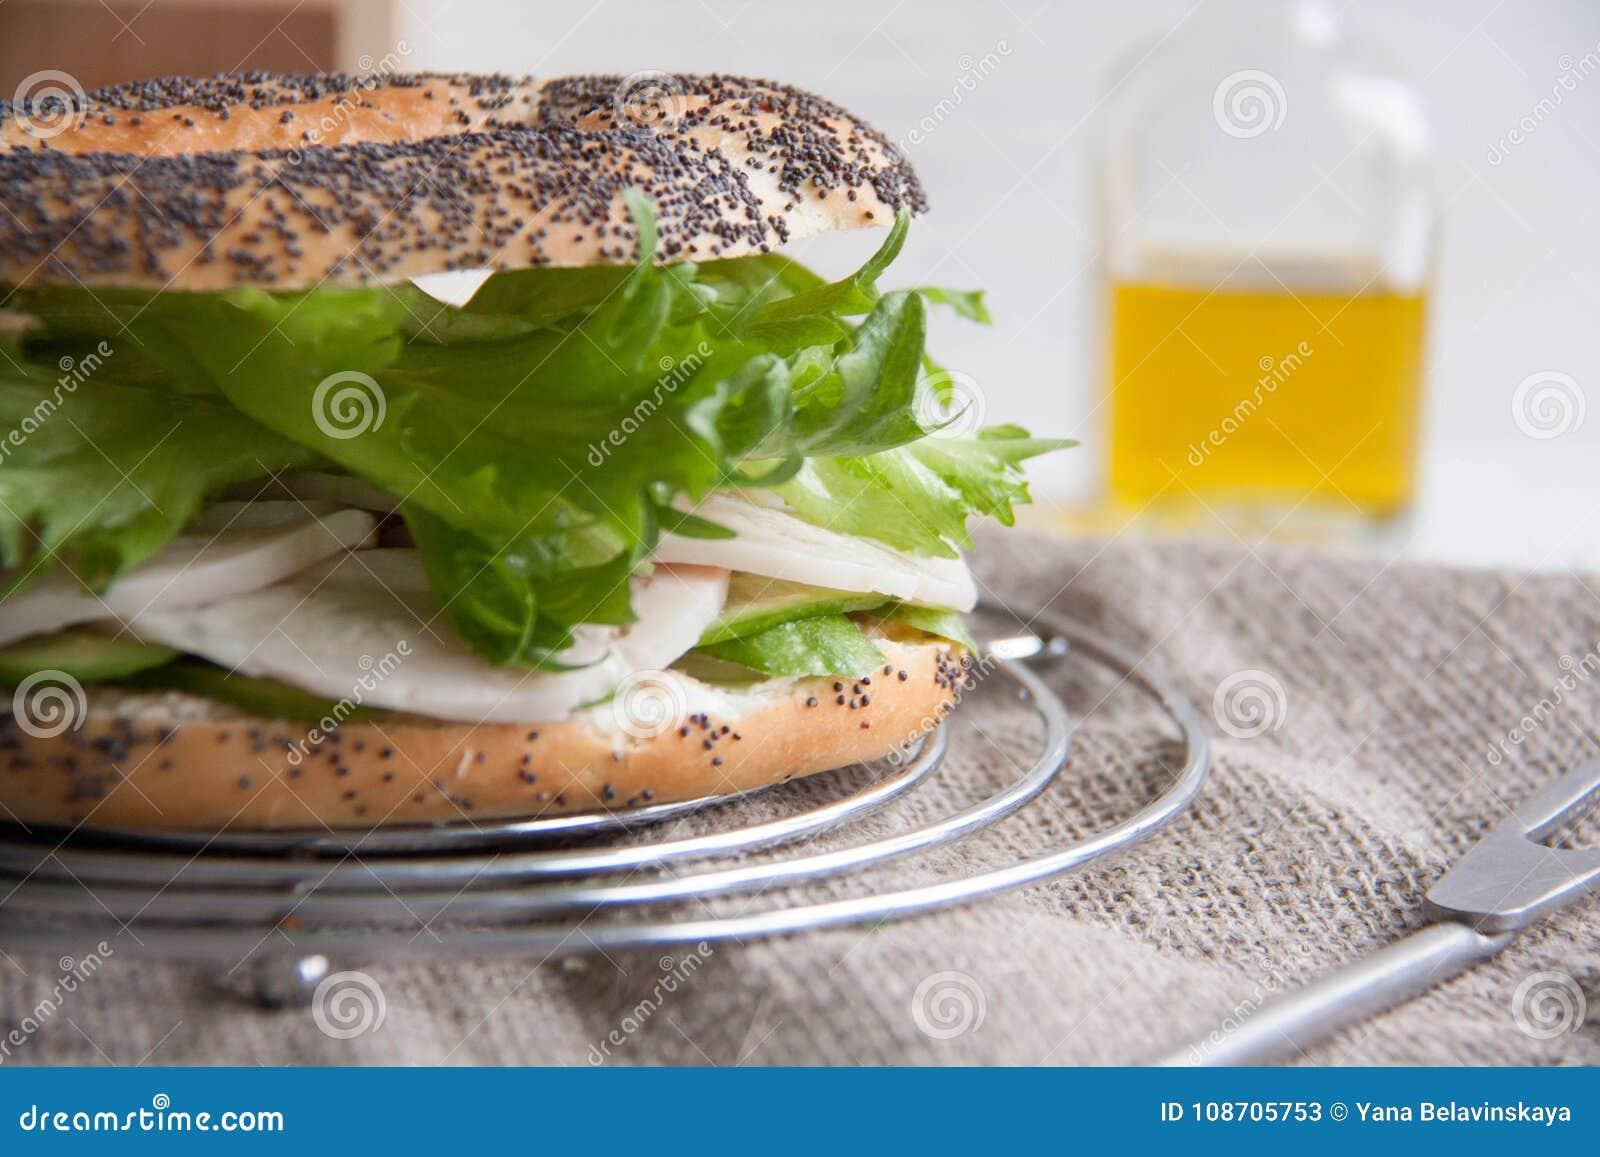 Ongezuurd broodje met kippenbroodje, groene salade en roomkaas